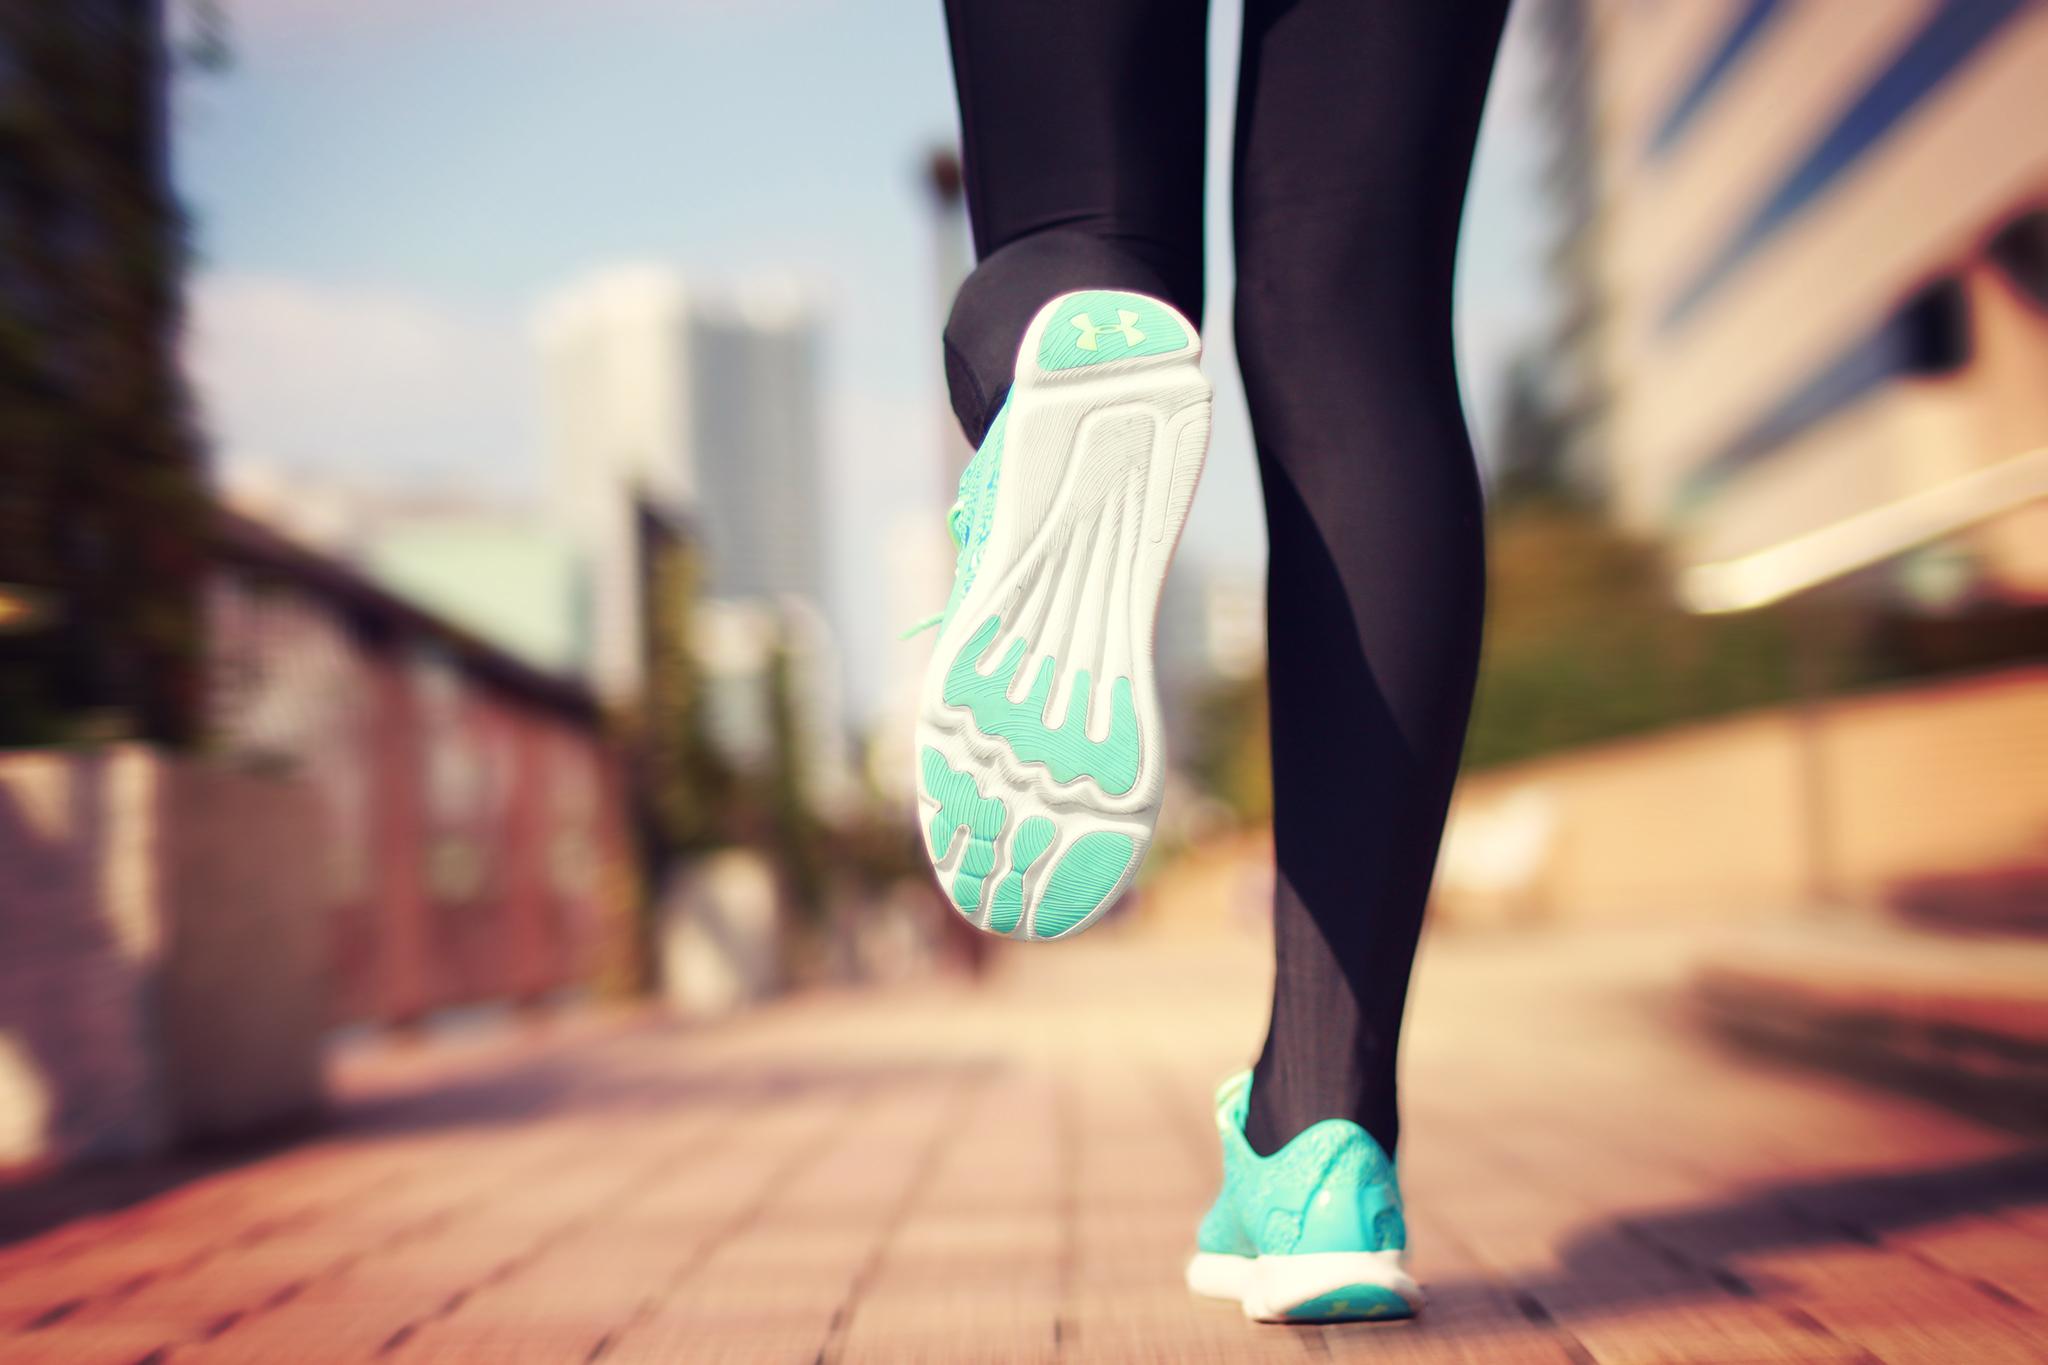 ダイエットで運動を始める前に覚えておいてほしい3つのこと